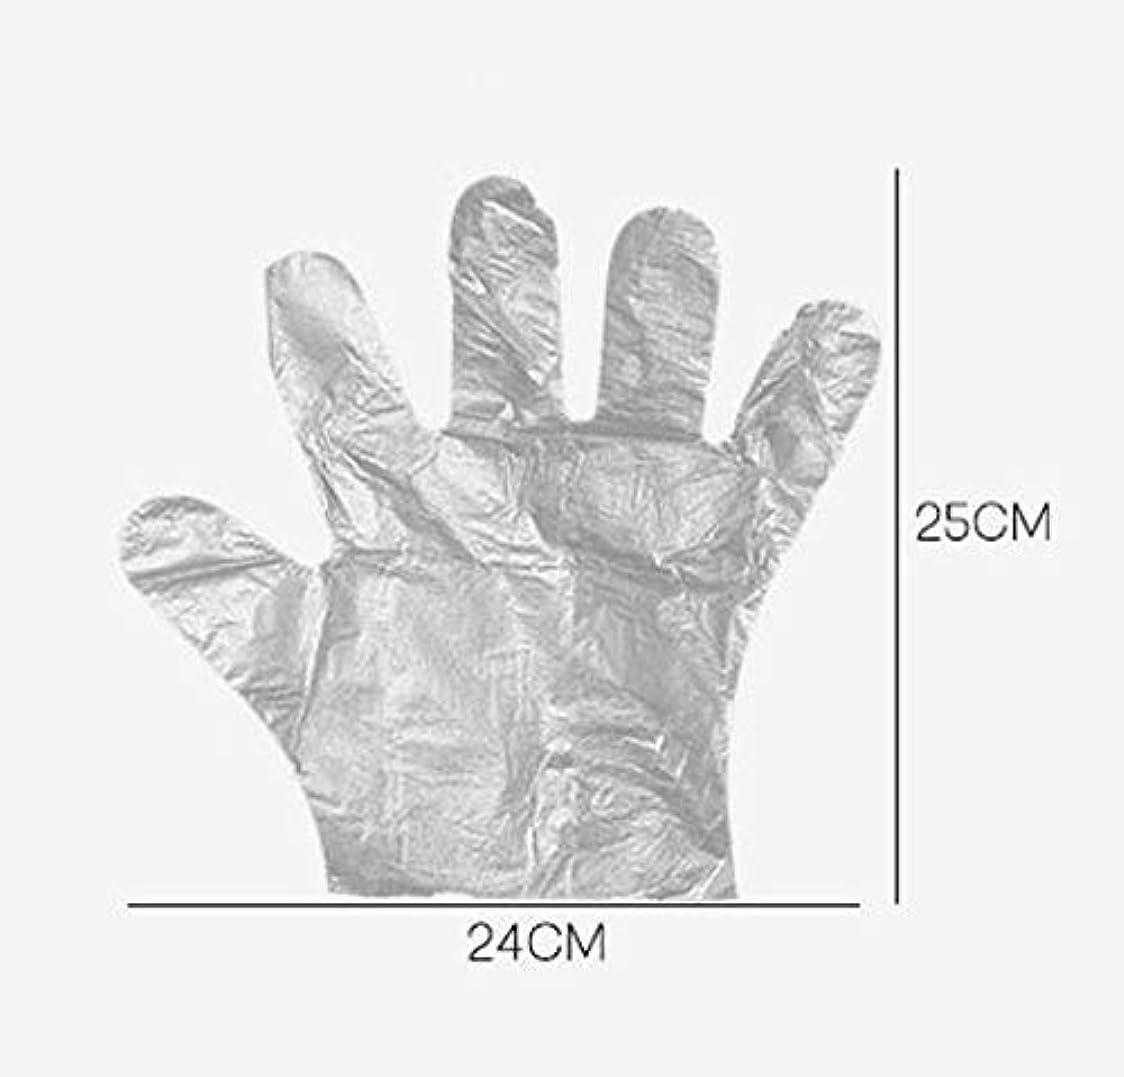 送信する首謀者オッズHJ ポリ手袋 使い捨て手袋 ポリエチレン使い切り手袋 極薄い 使い切り手袋 透明手袋 耐油 防水 介護 トイレ掃除 左右兼用 手荒れを防ぎ 素手 薄いタイプ (1000ペアセット)